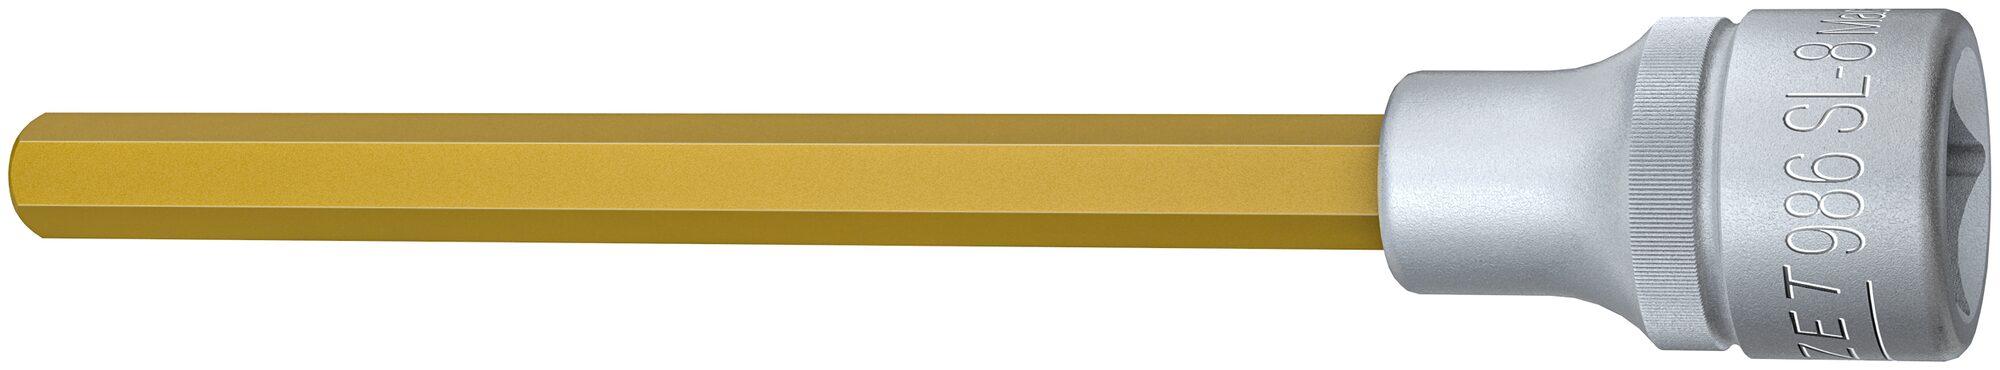 HAZET Schraubendreher-Steckschlüsseleinsatz 986SL-8 ∙ Vierkant hohl 12,5 mm (1/2 Zoll) ∙ Innen-Sechskant Profil ∙ 8 mm